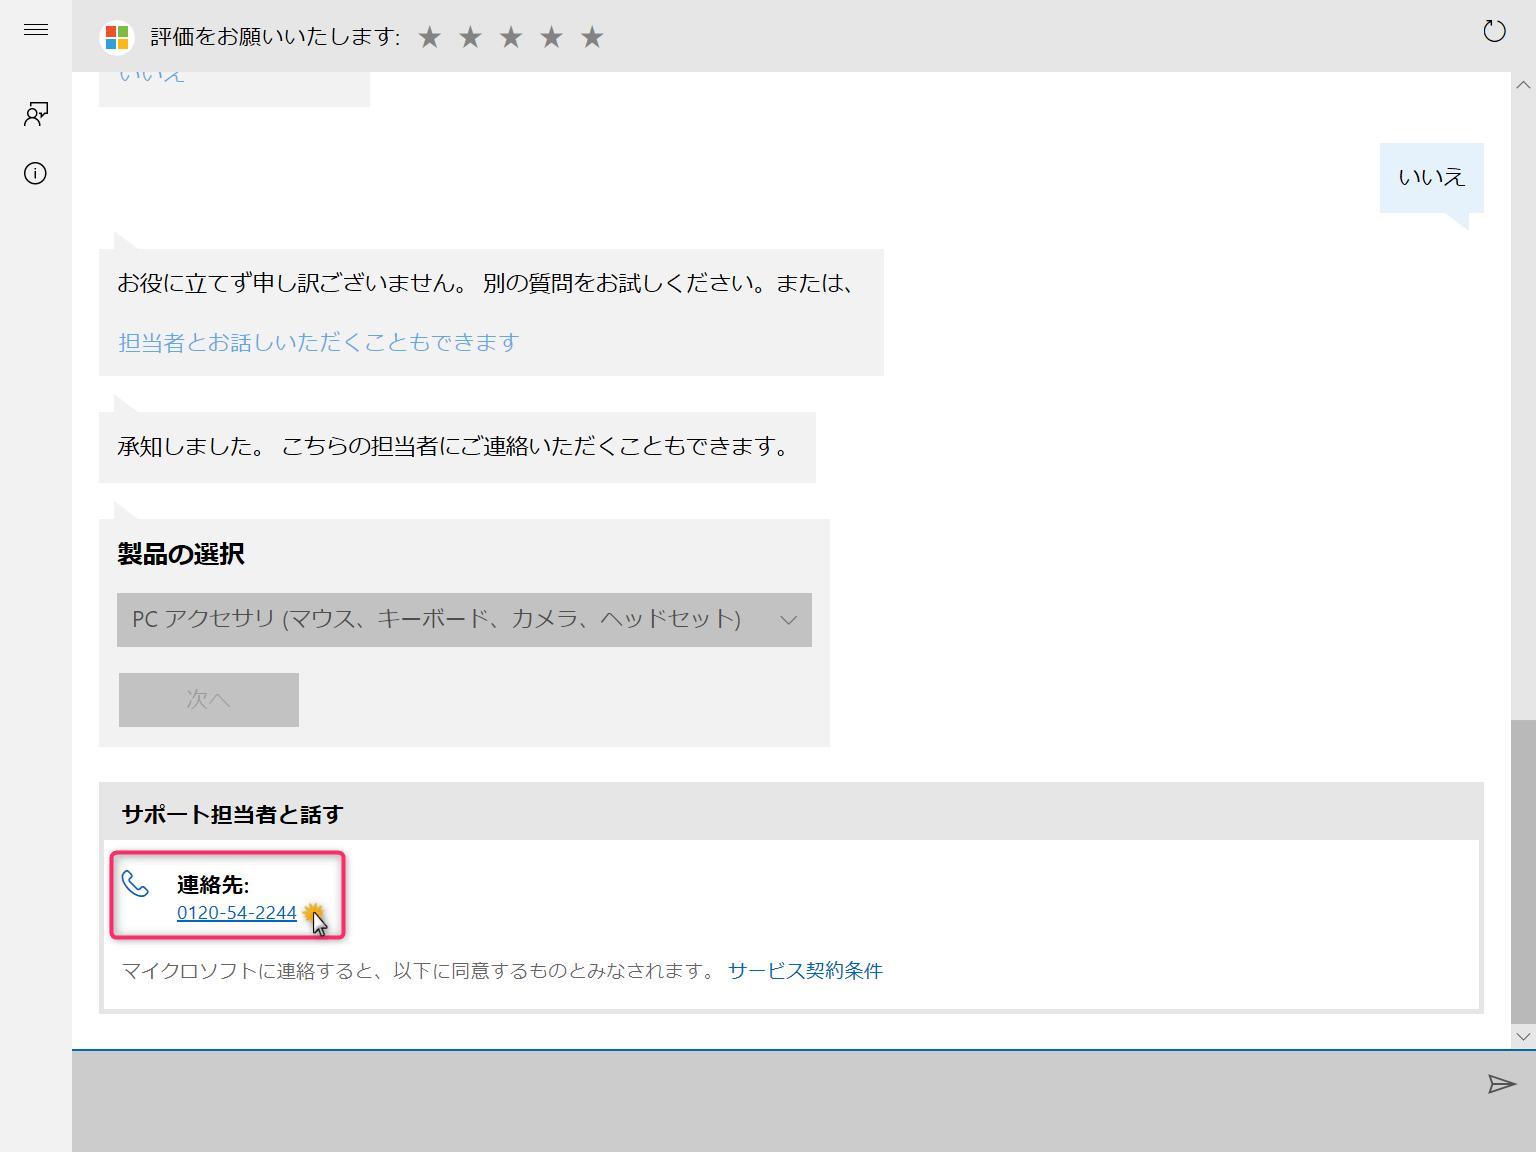 Microsoftサポートでようやく対人窓口